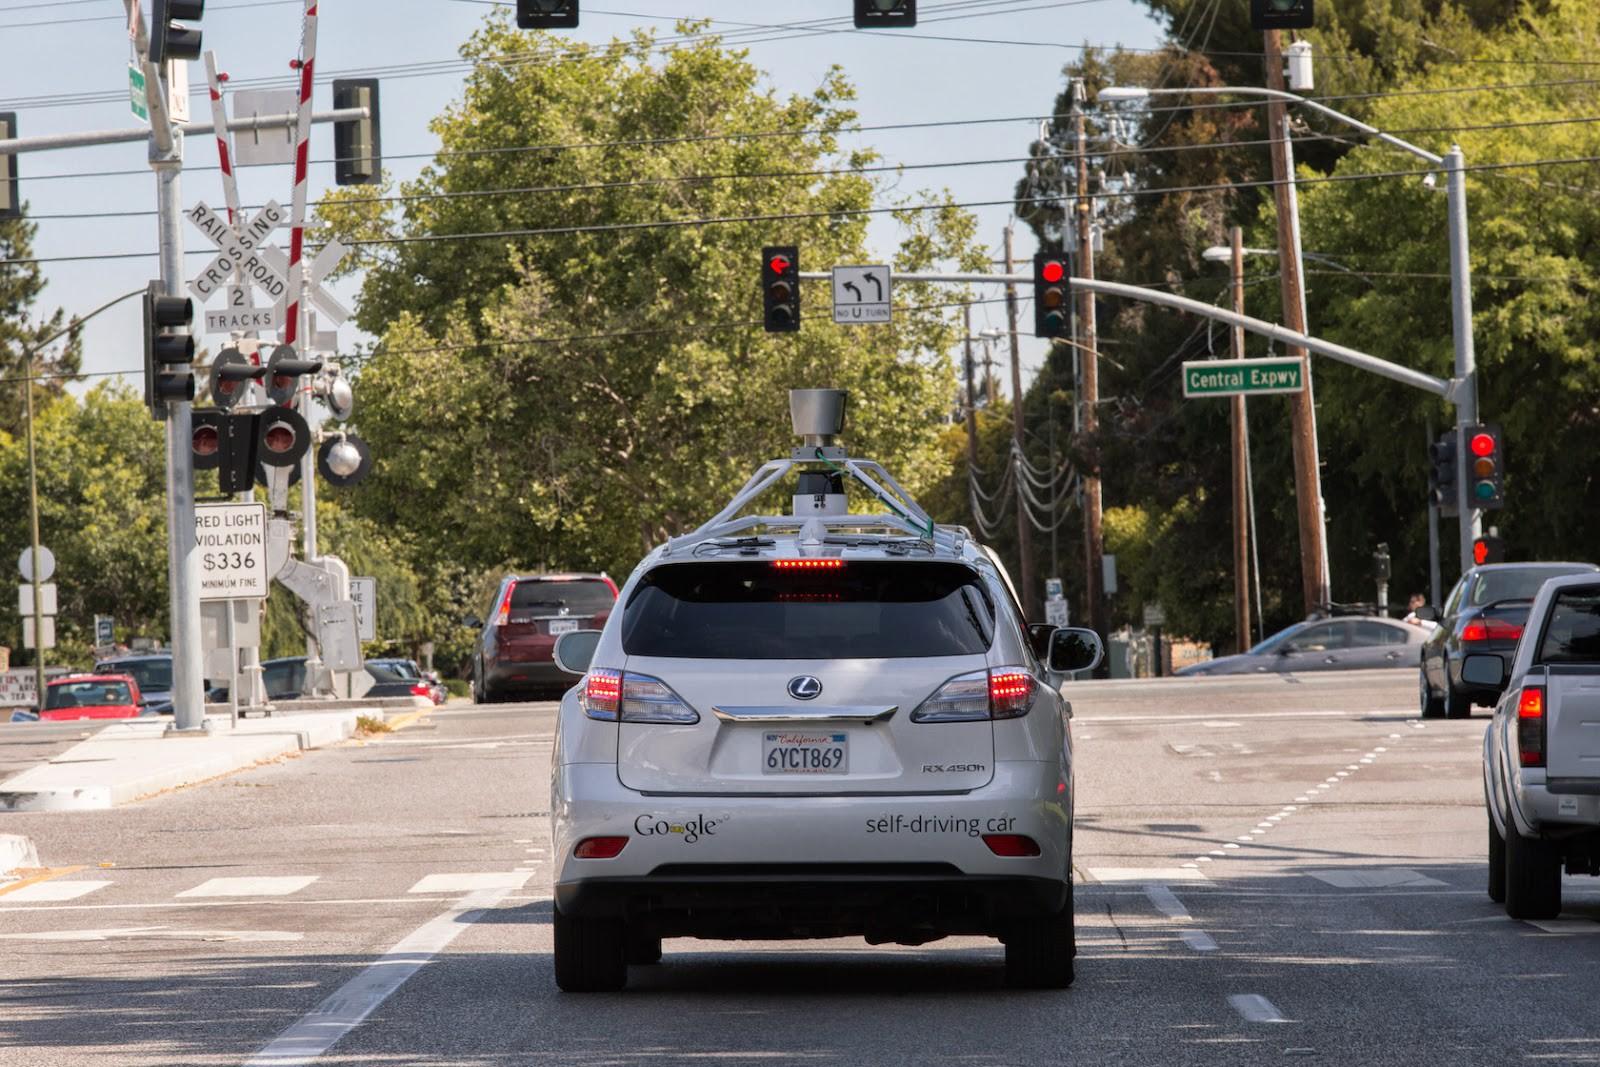 Google Car : un accident avec des blessés légers